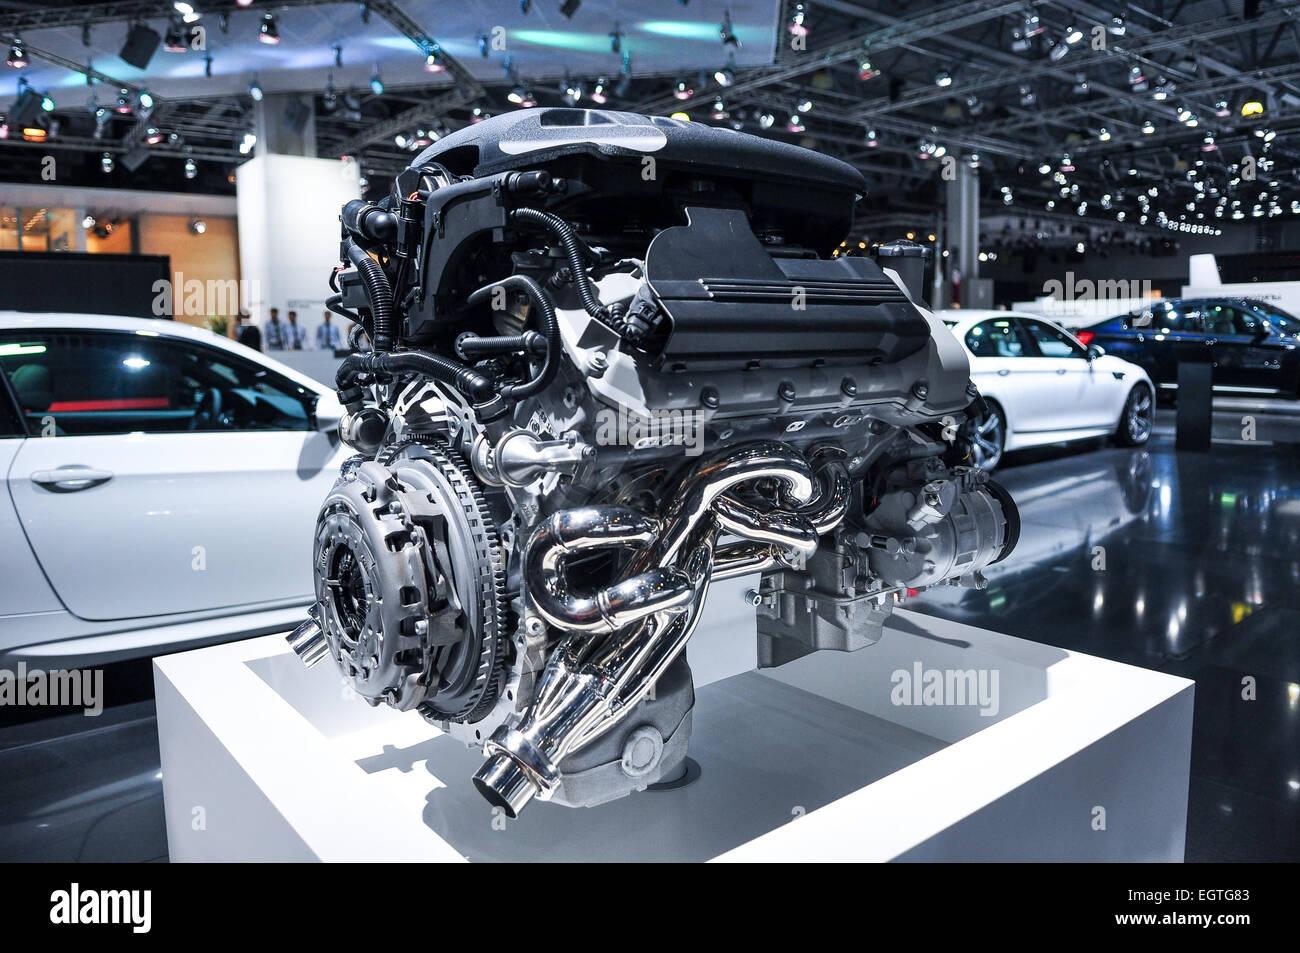 Fantastisch Komponenten Unter Der Motorhaube Eines Autos Fotos ...